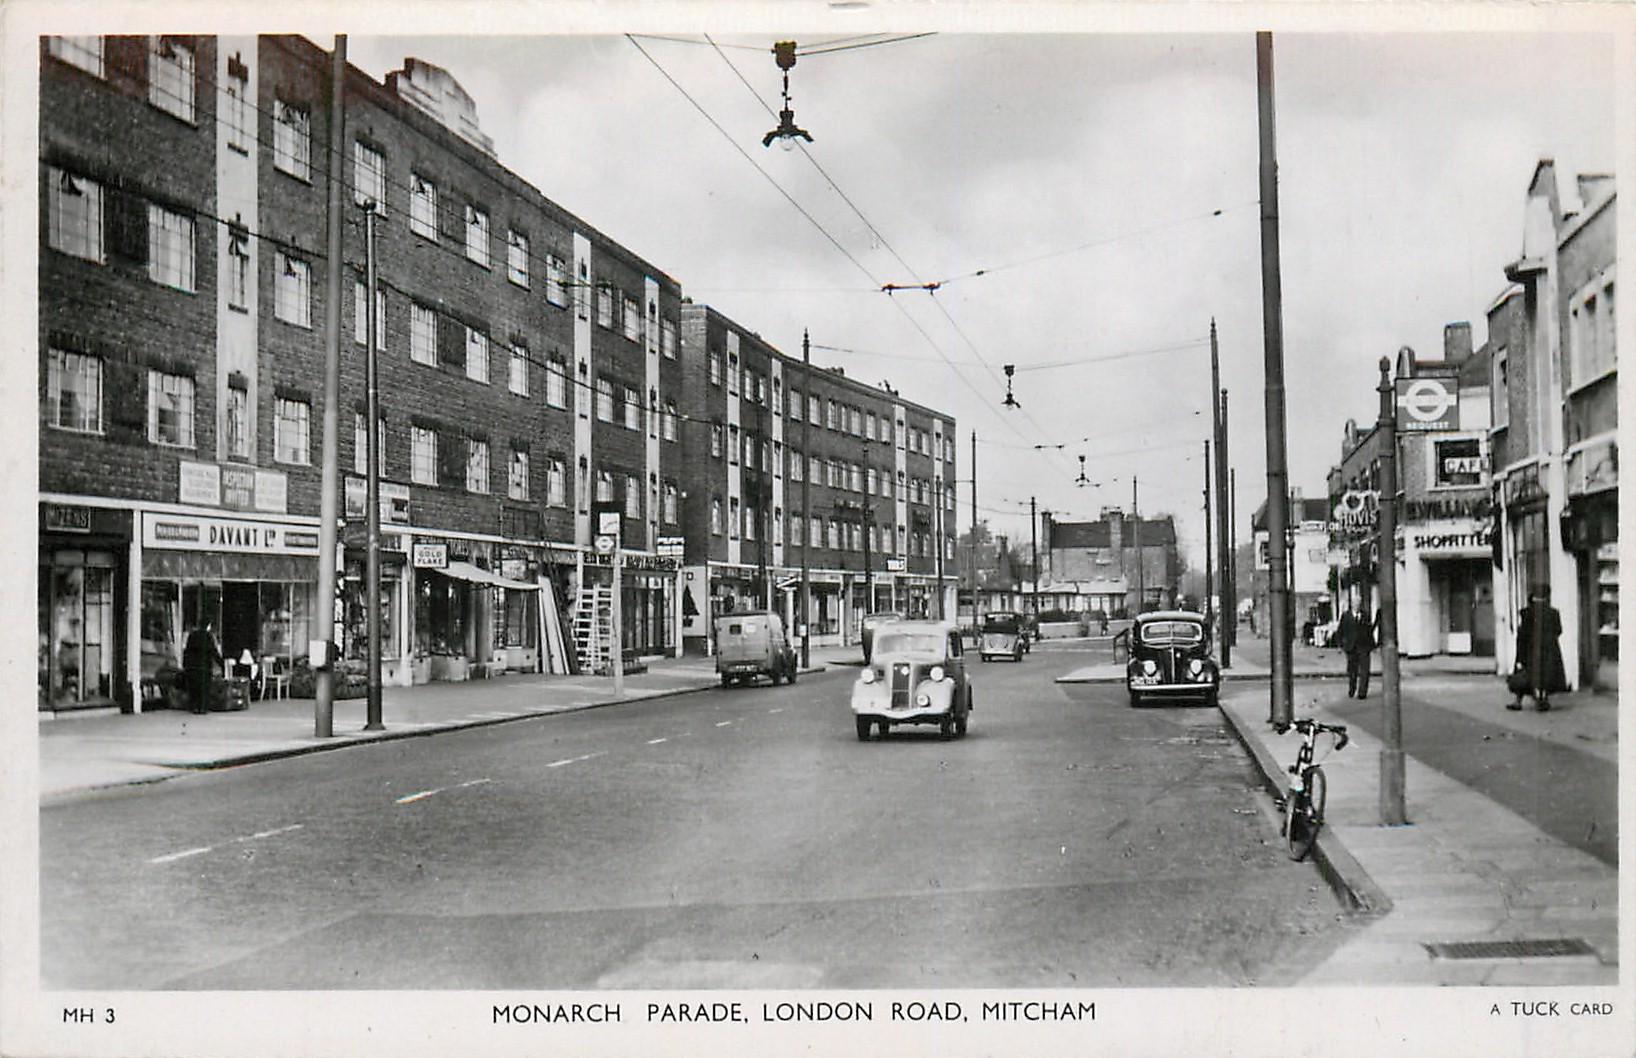 MONARCH PARADE, LONDON ROAD